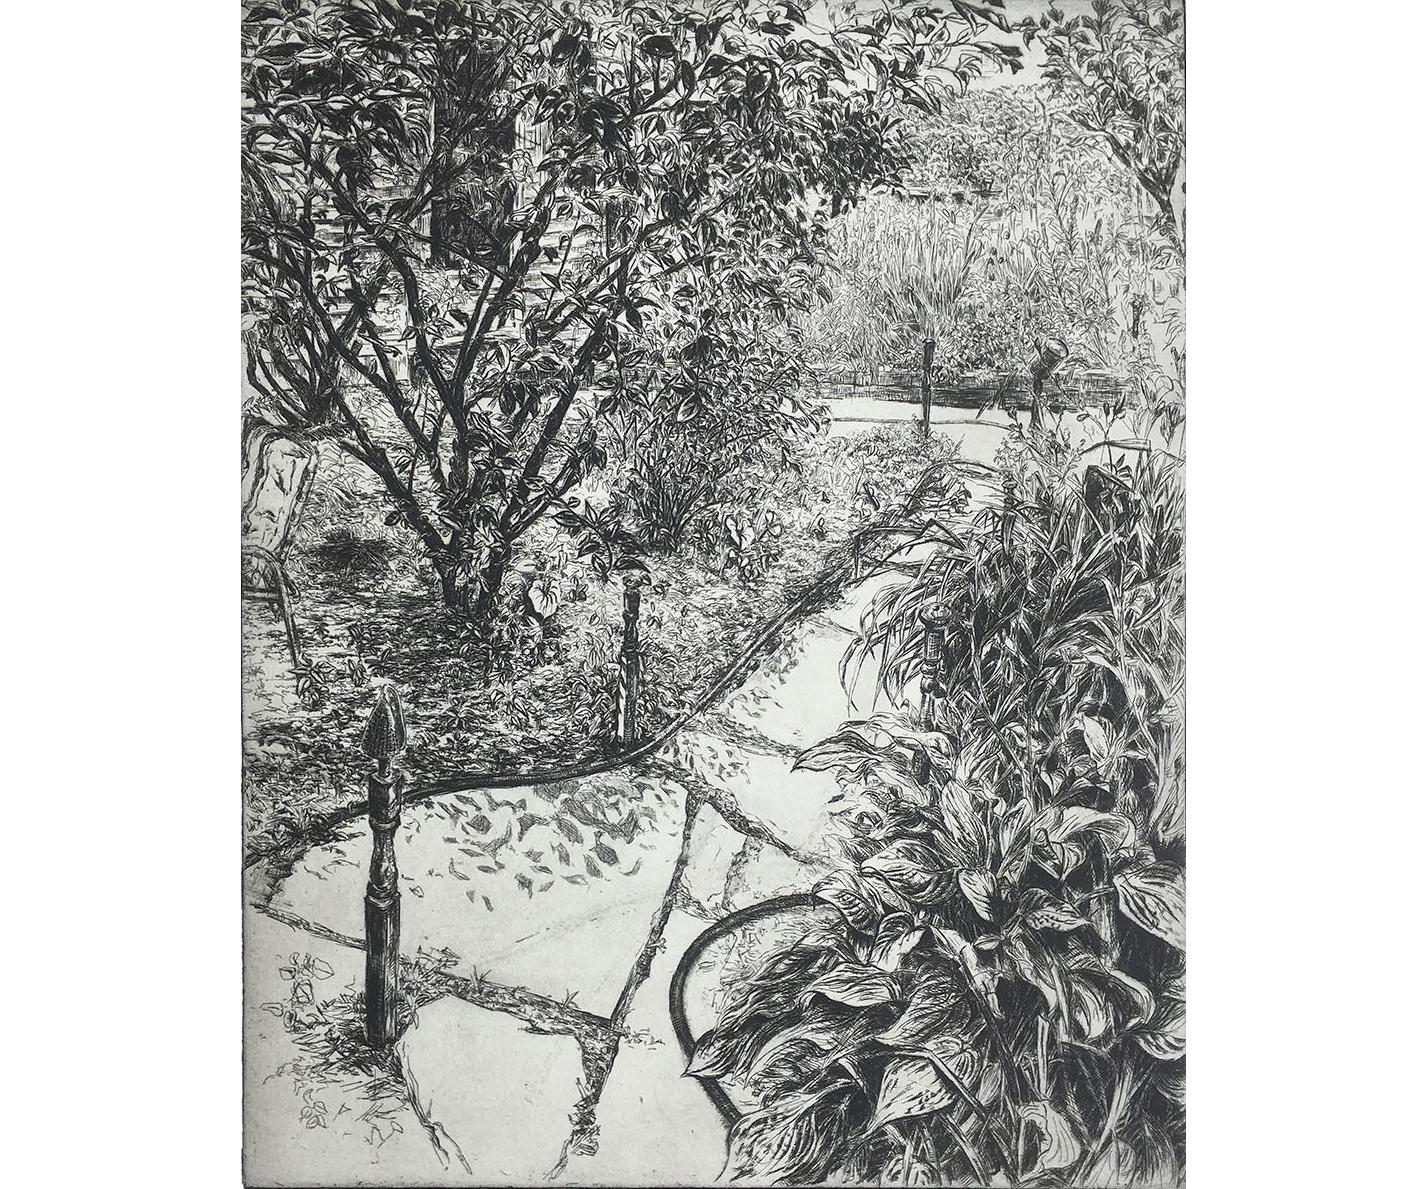 Backyard with Garden Hose, 2002, Etching, 20 x 16